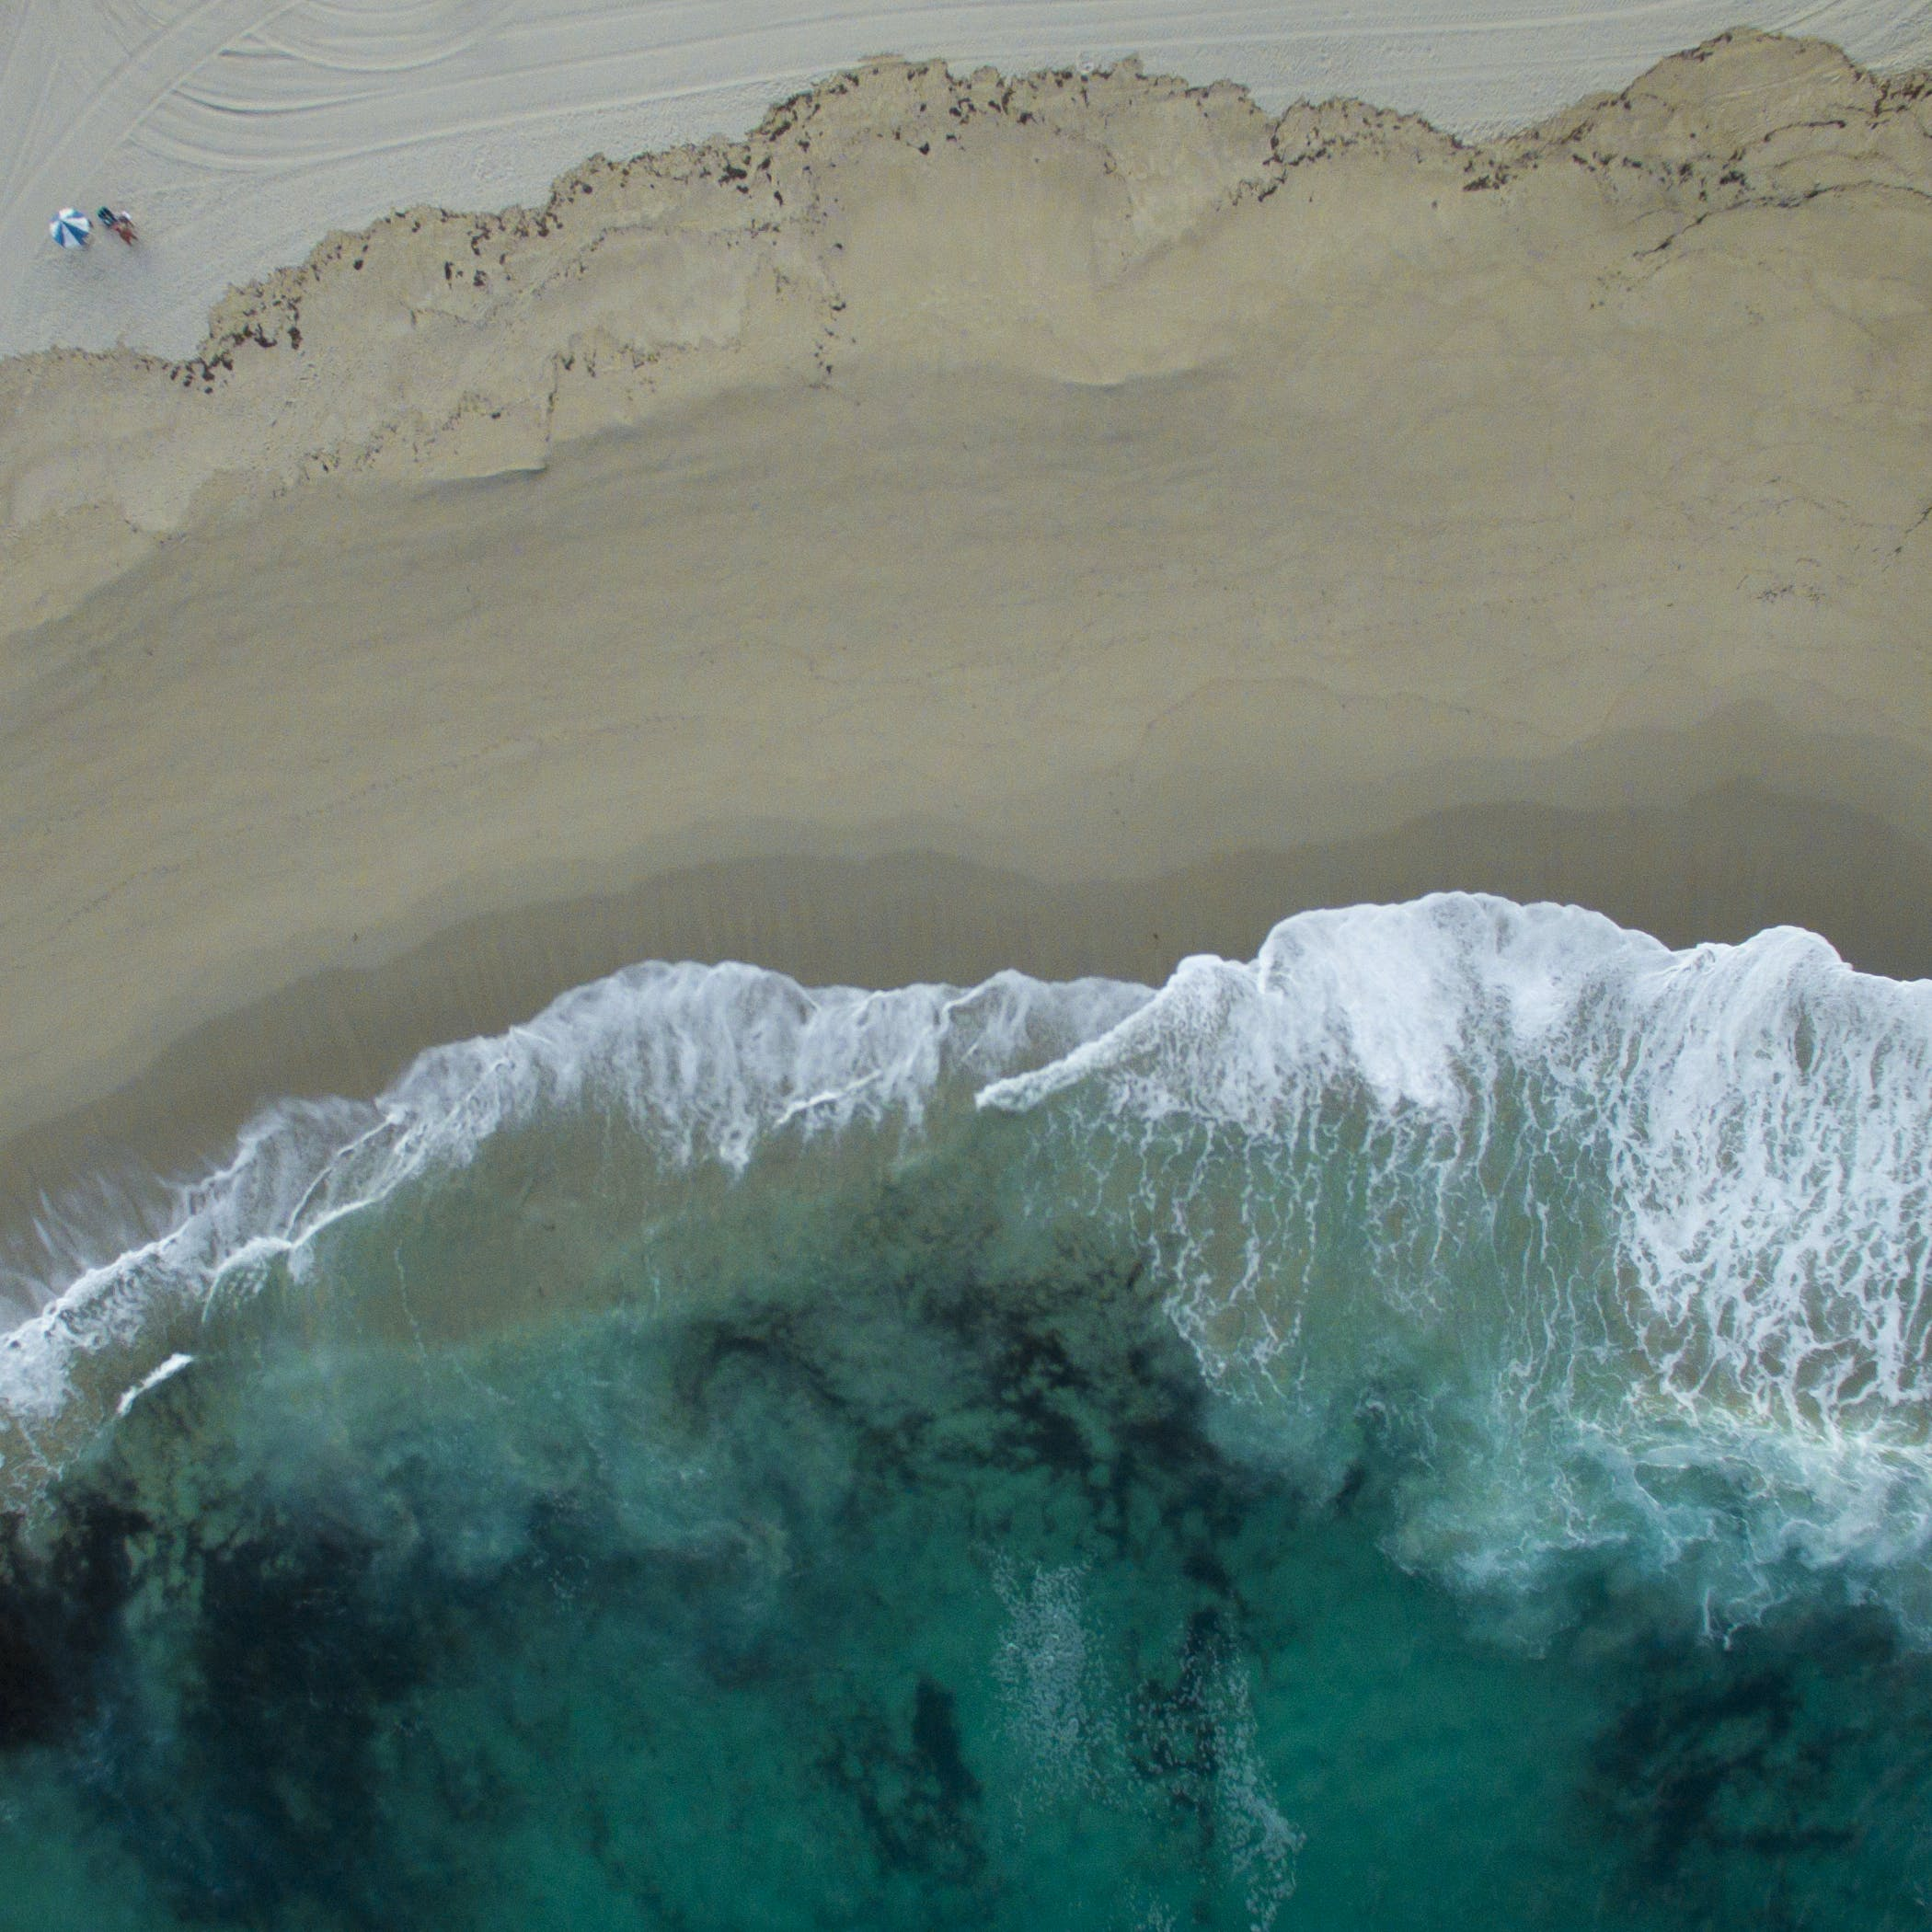 Základová fotografie zdarma na téma fotografie zdronu, mávání, moře, oceánské pobřeží